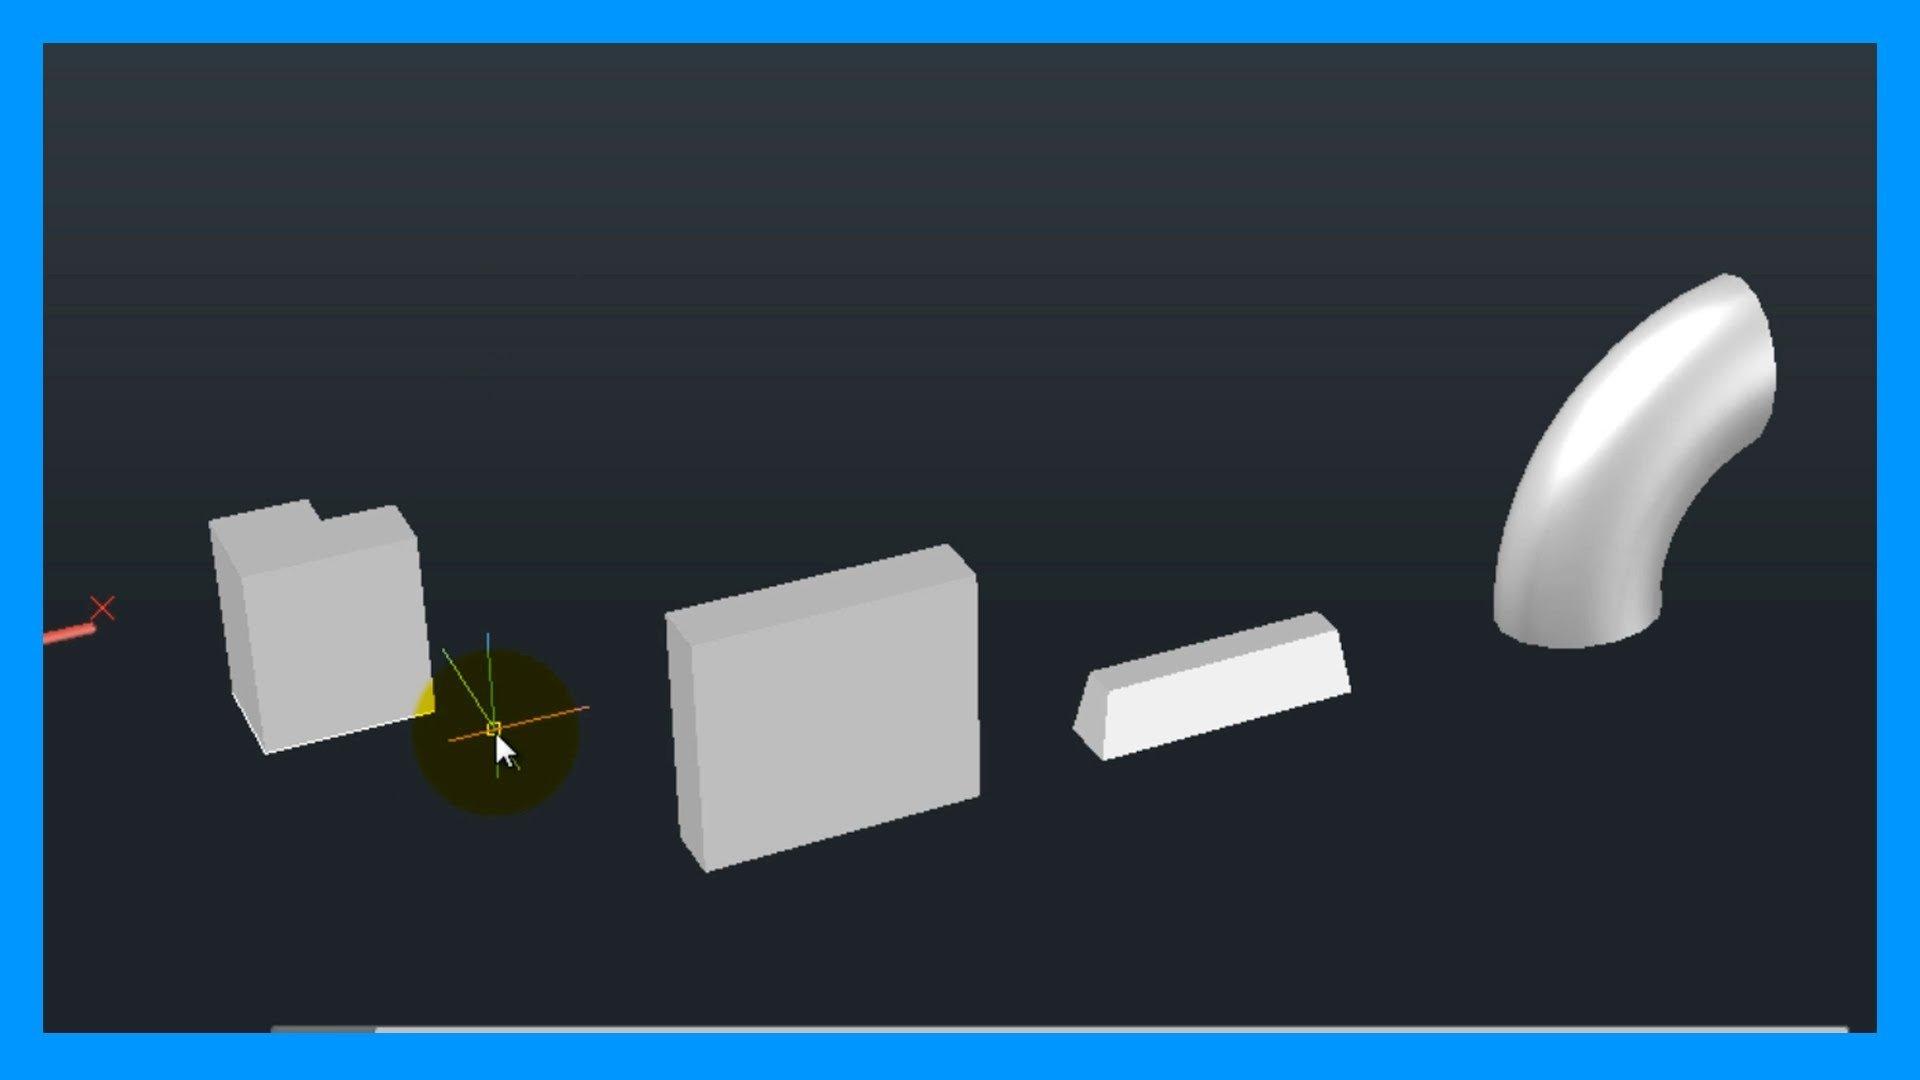 Autocad – 2/7 Iniciación 3D, básico 3D; sólidos, extrusión de superficies y pulsatirar.